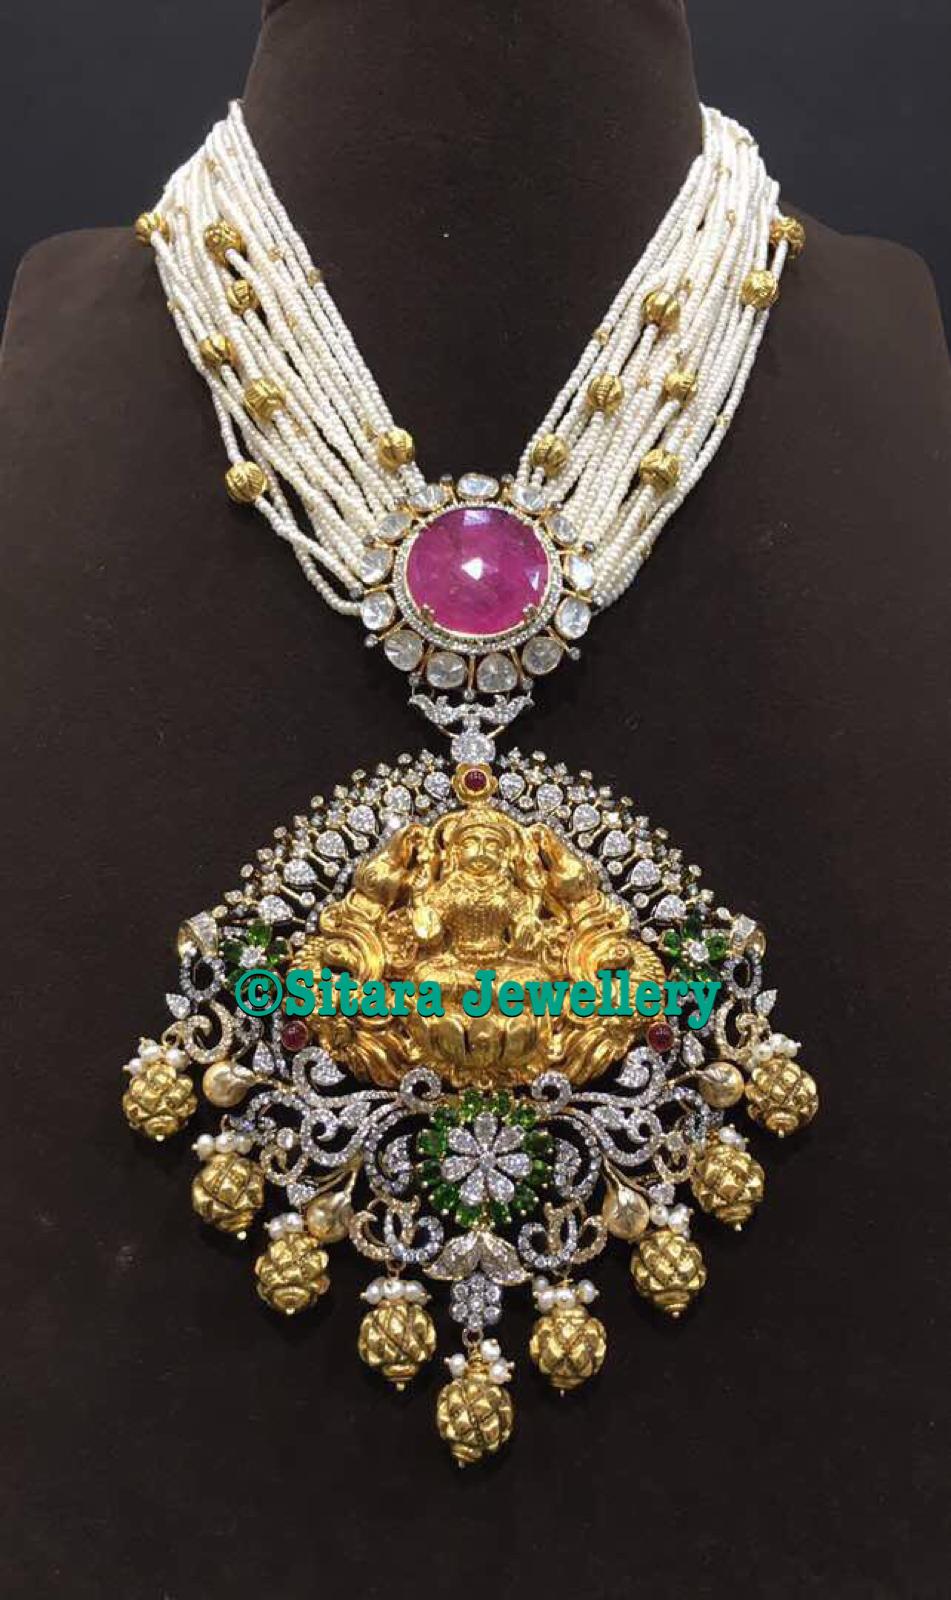 d7320a9239adb Multistrand Pearls Mala With Lakshmi Pendant - Jewellery Designs